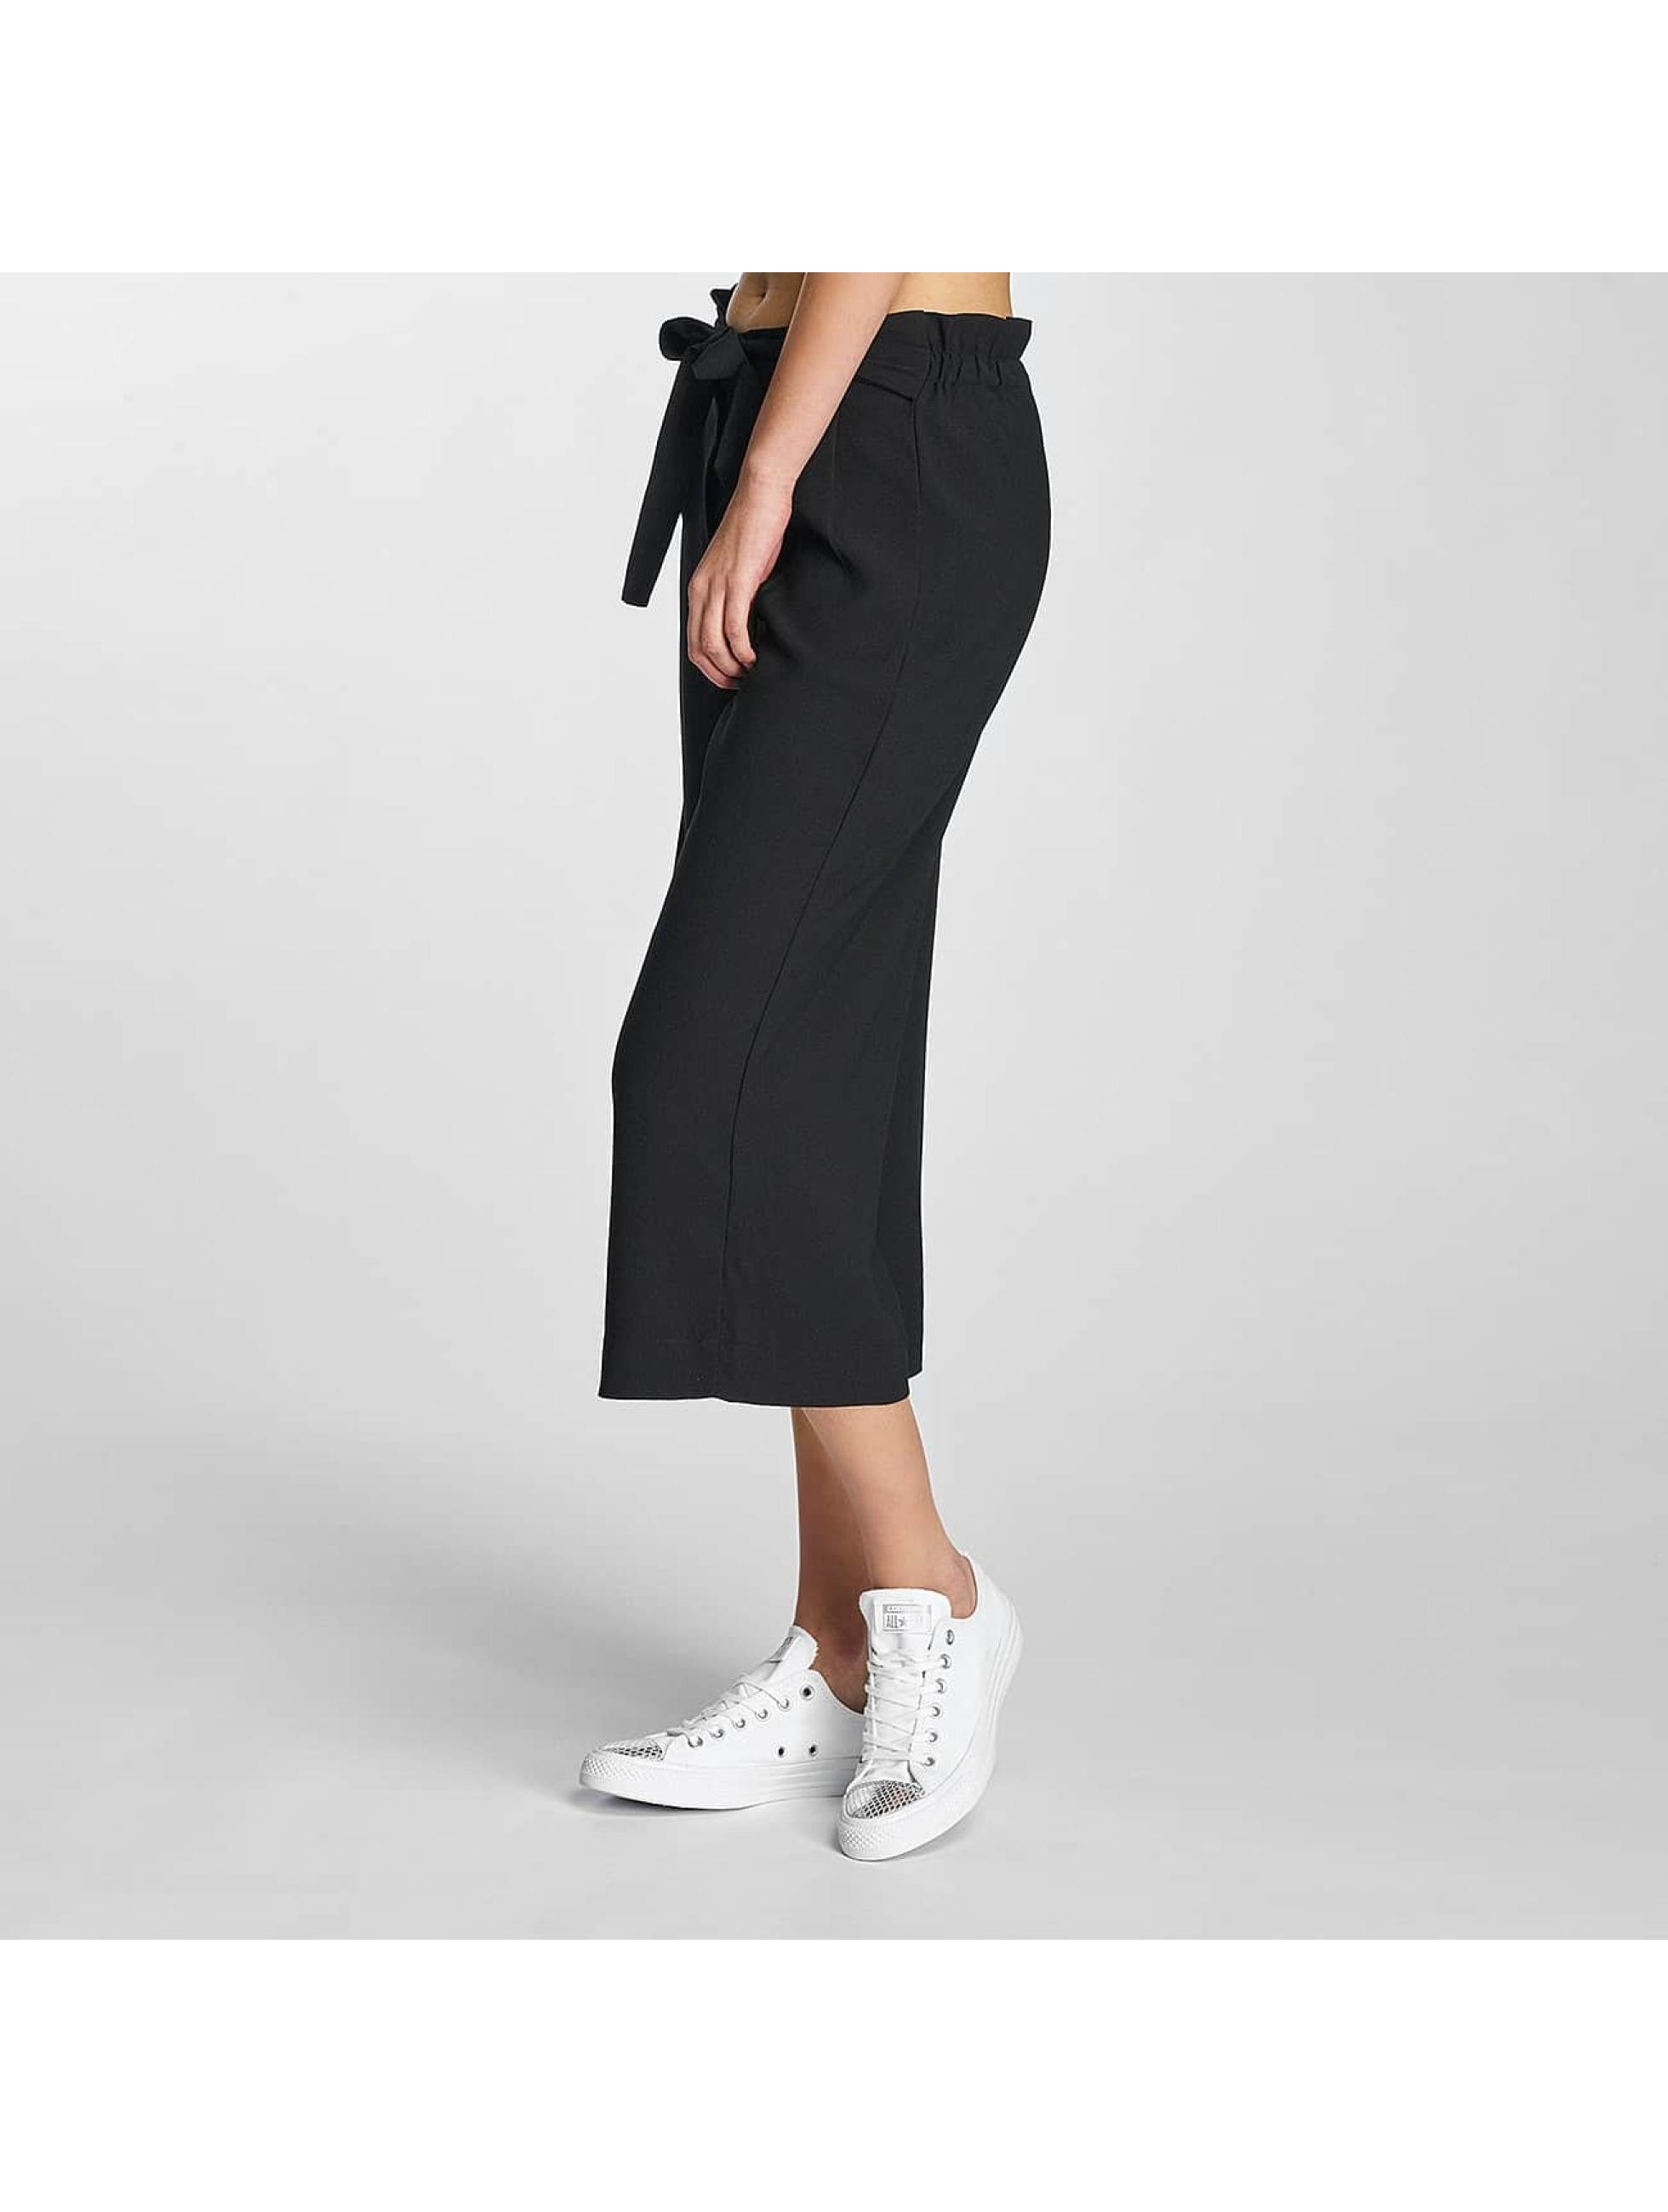 pieces pcsavannah noir femme pantalon chino 315272. Black Bedroom Furniture Sets. Home Design Ideas